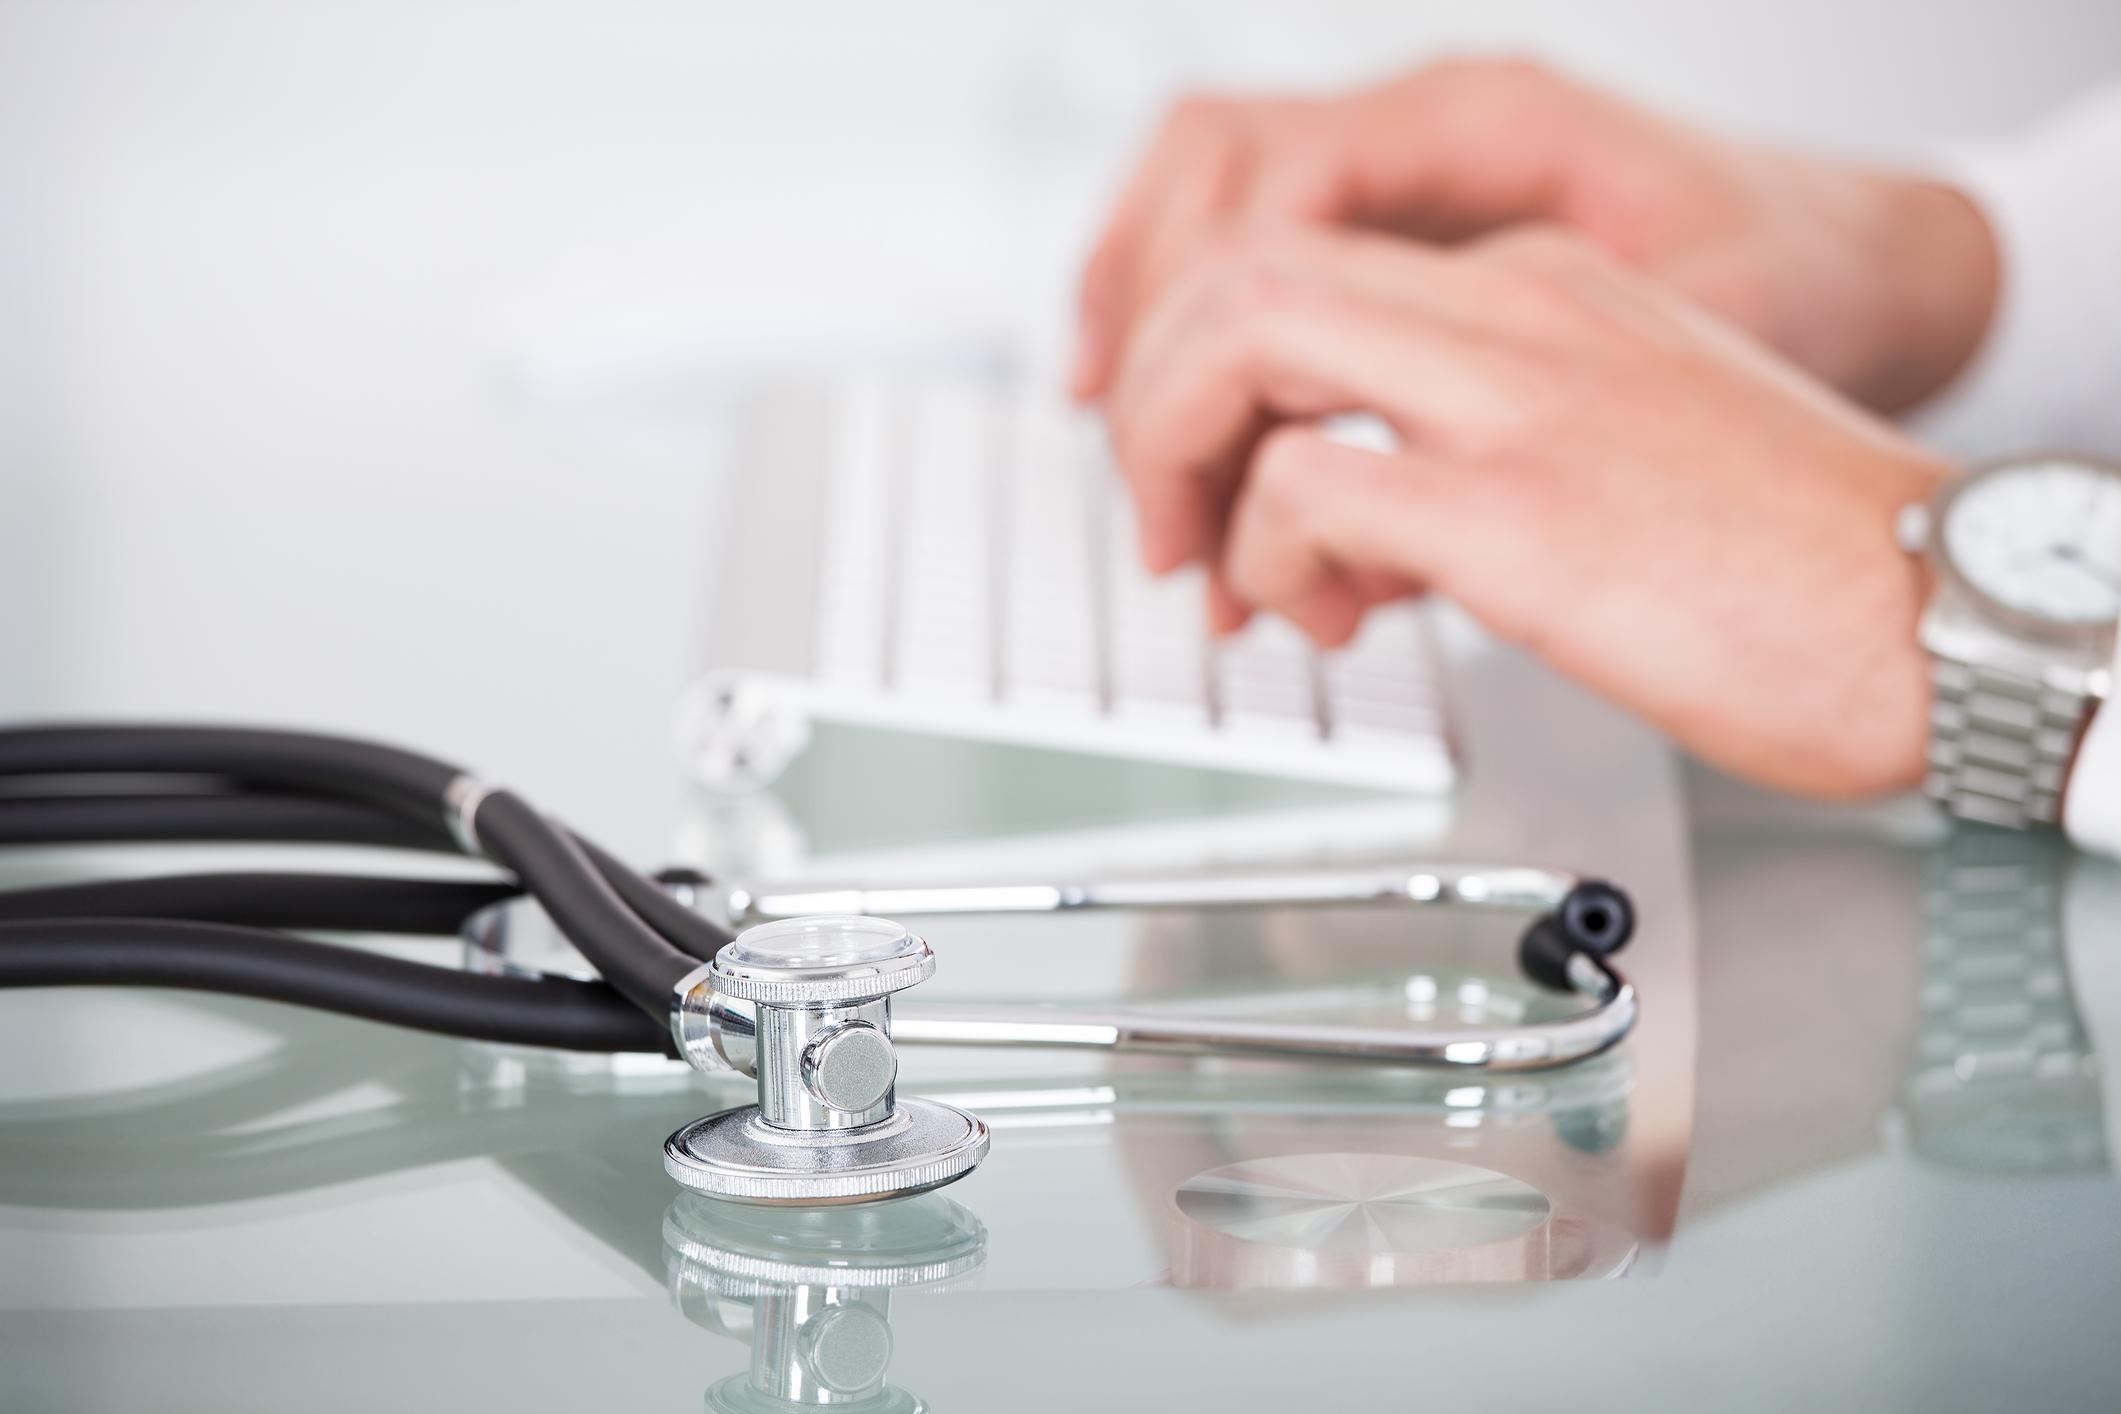 stetoskop, hender som skriver på tastatur